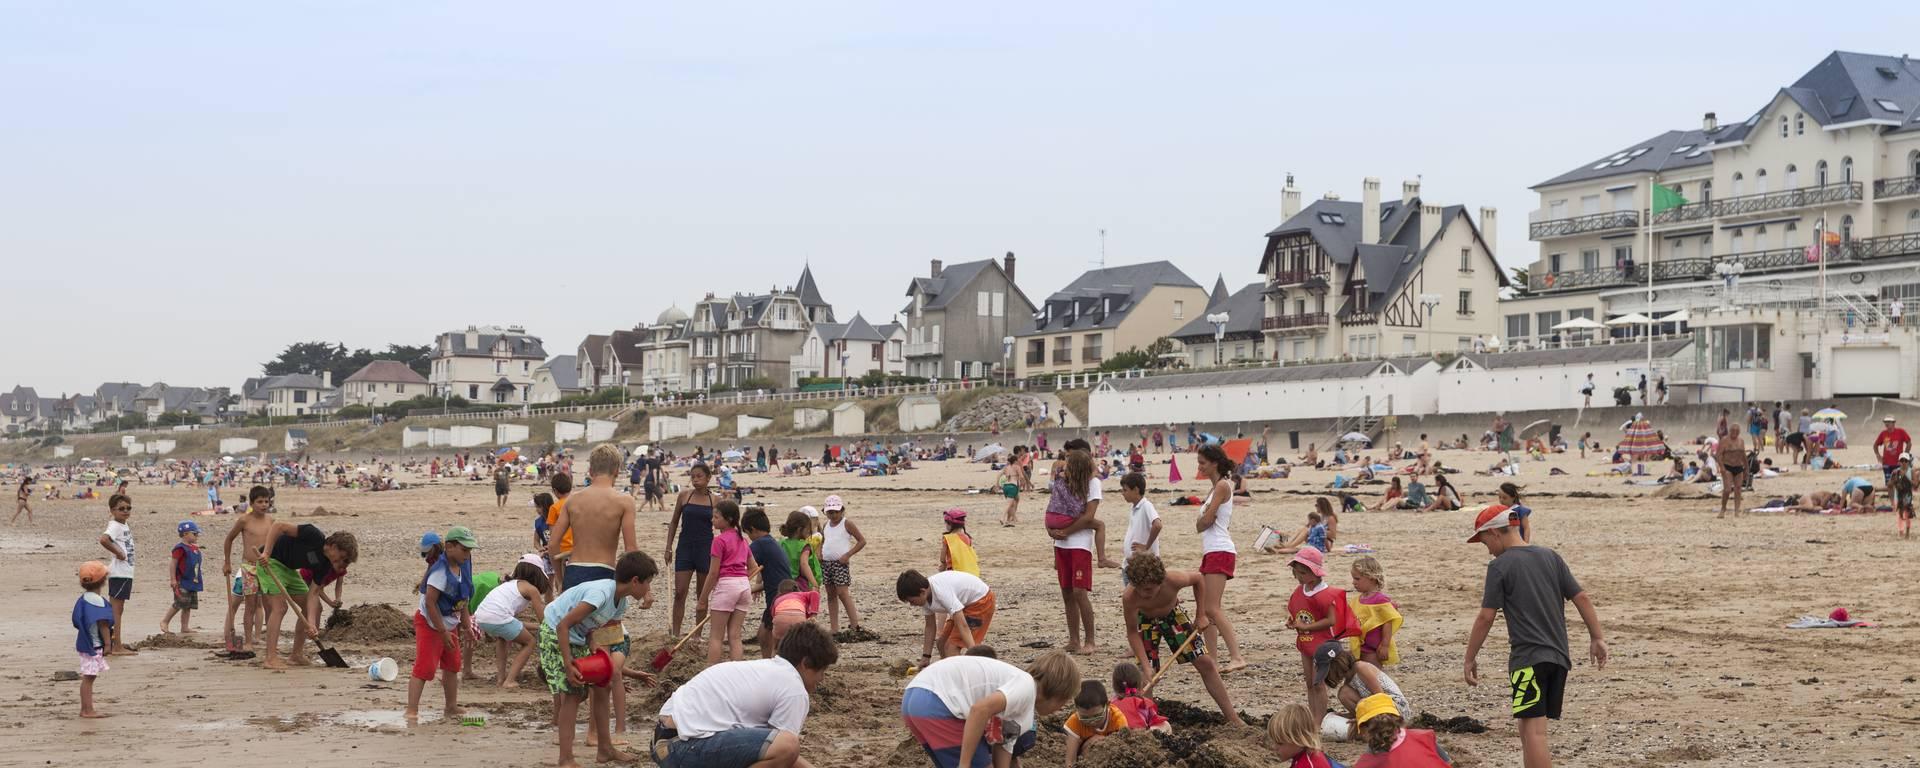 Concours de chateaux de sable sur la plage de Jullouville